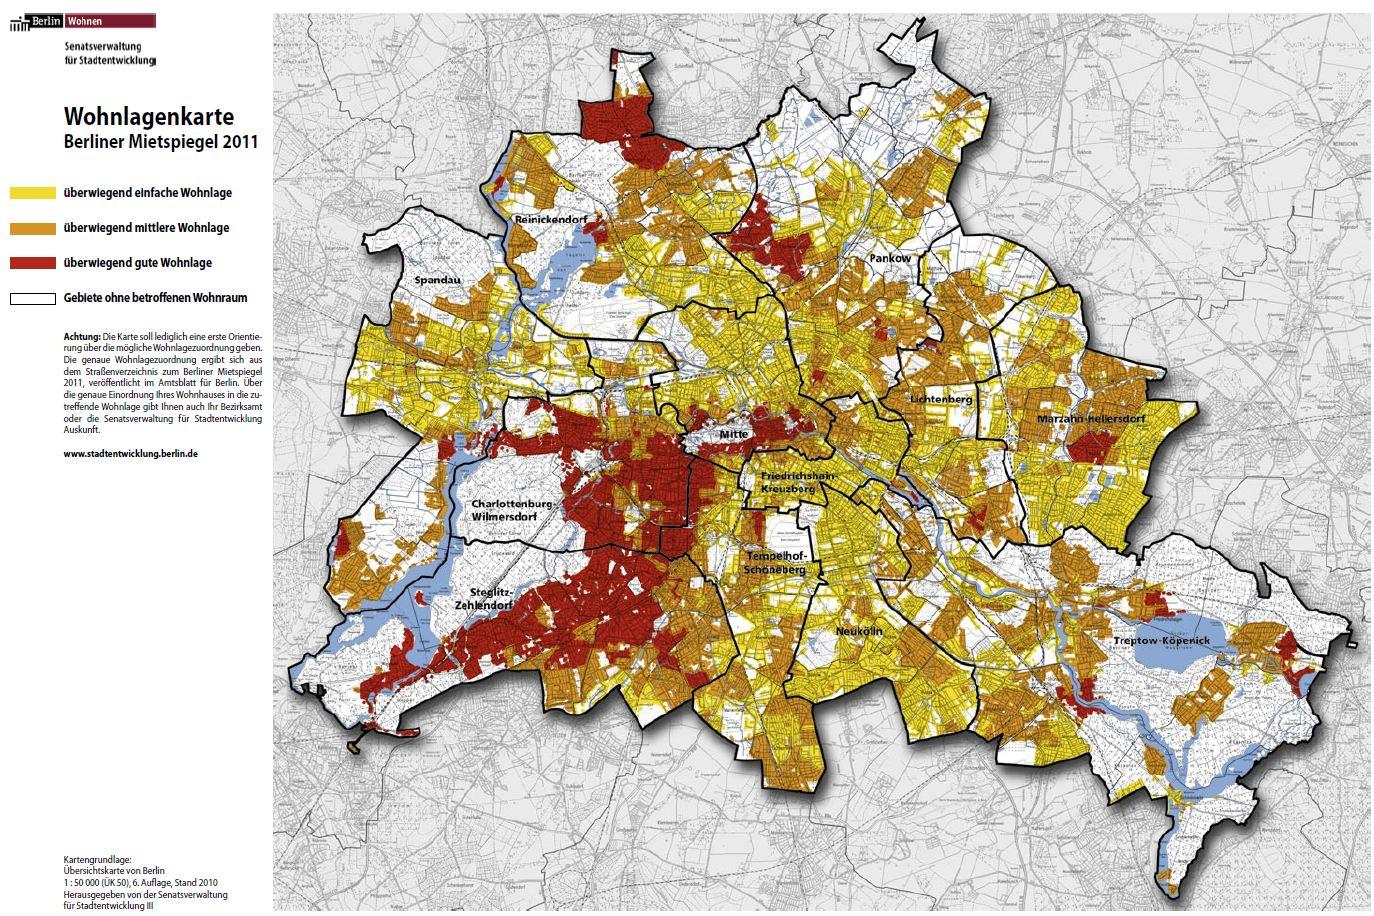 Wohnlagenkarte - Berliner Mietspiegel 2011